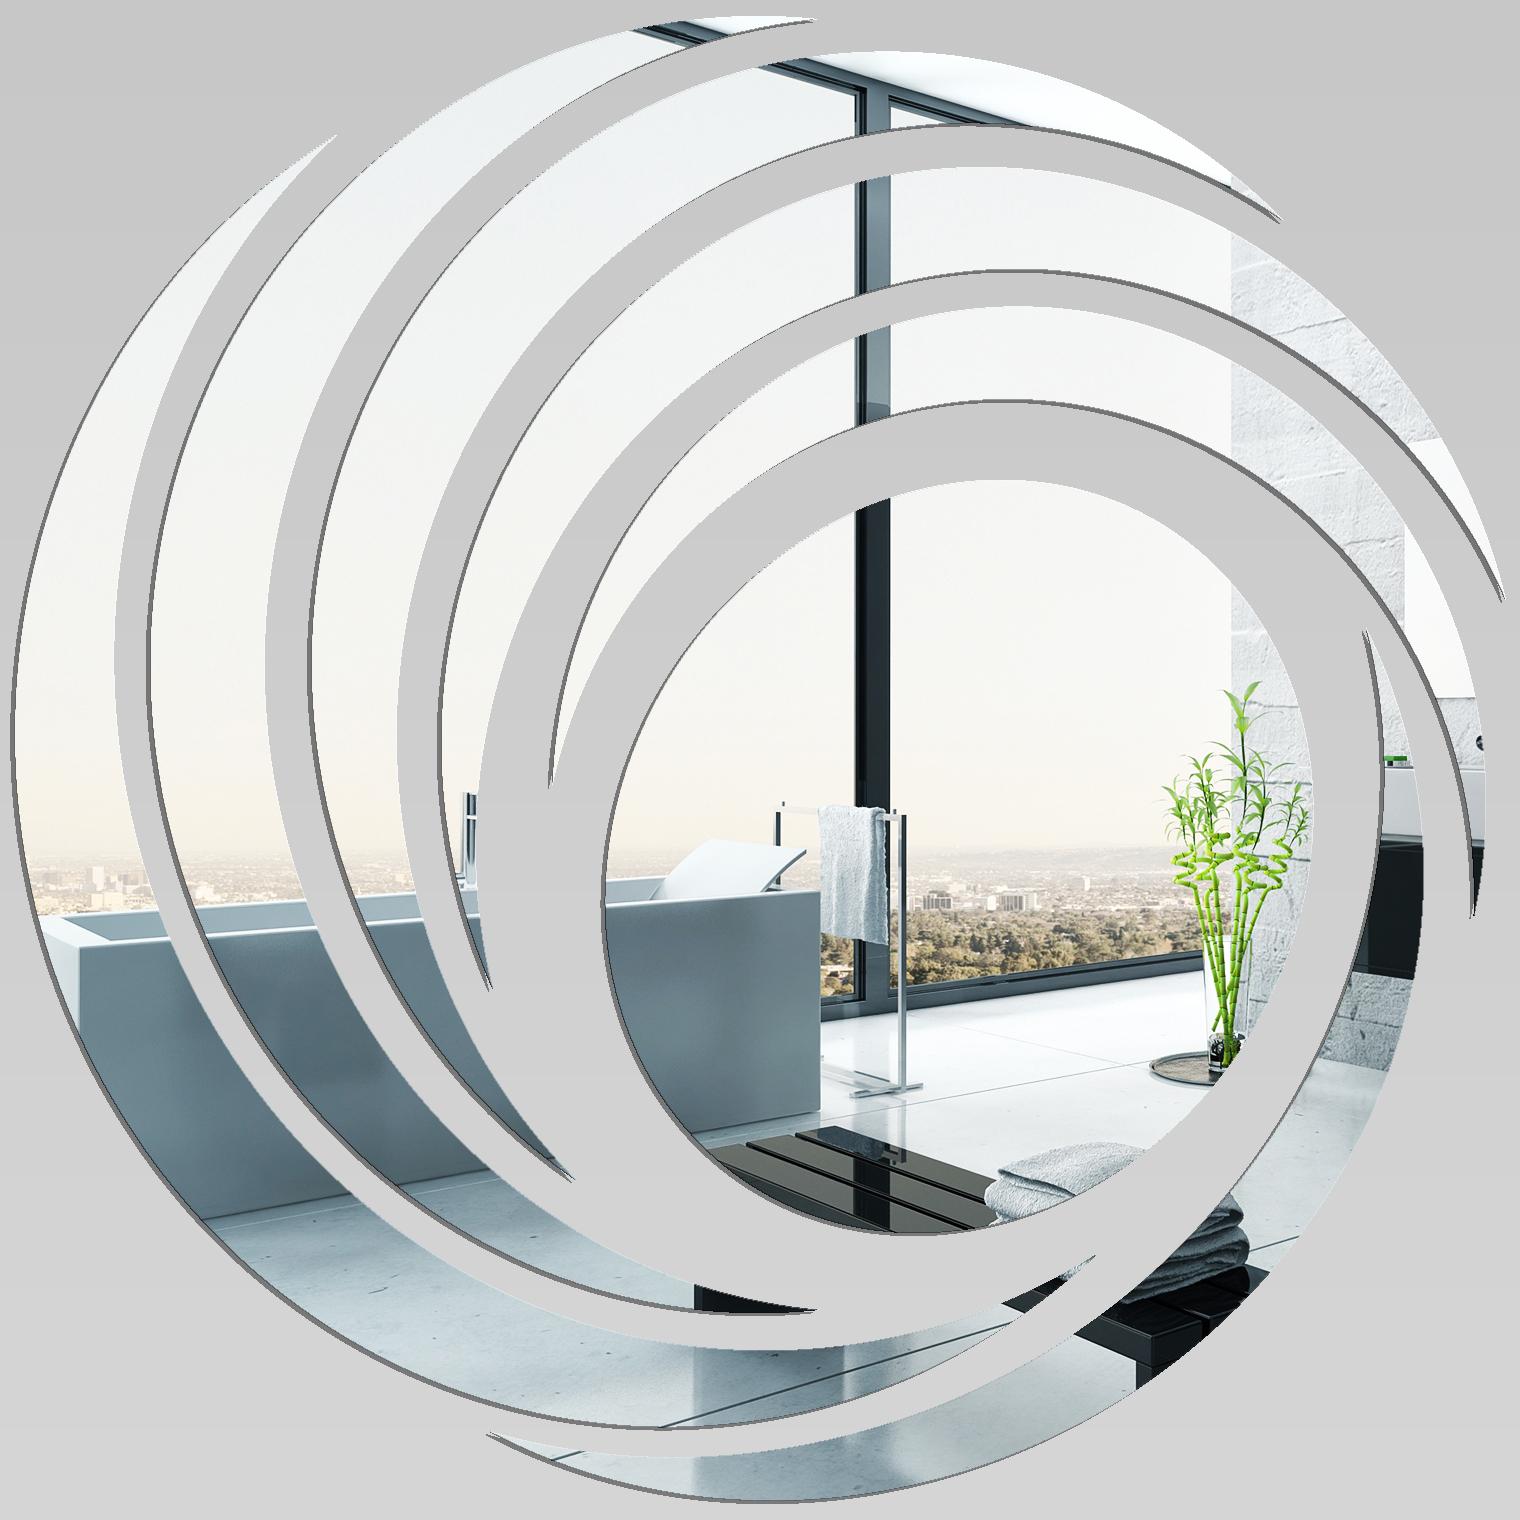 Miroir plexiglass acrylique spirales design pas cher for Stickers miroir pas cher